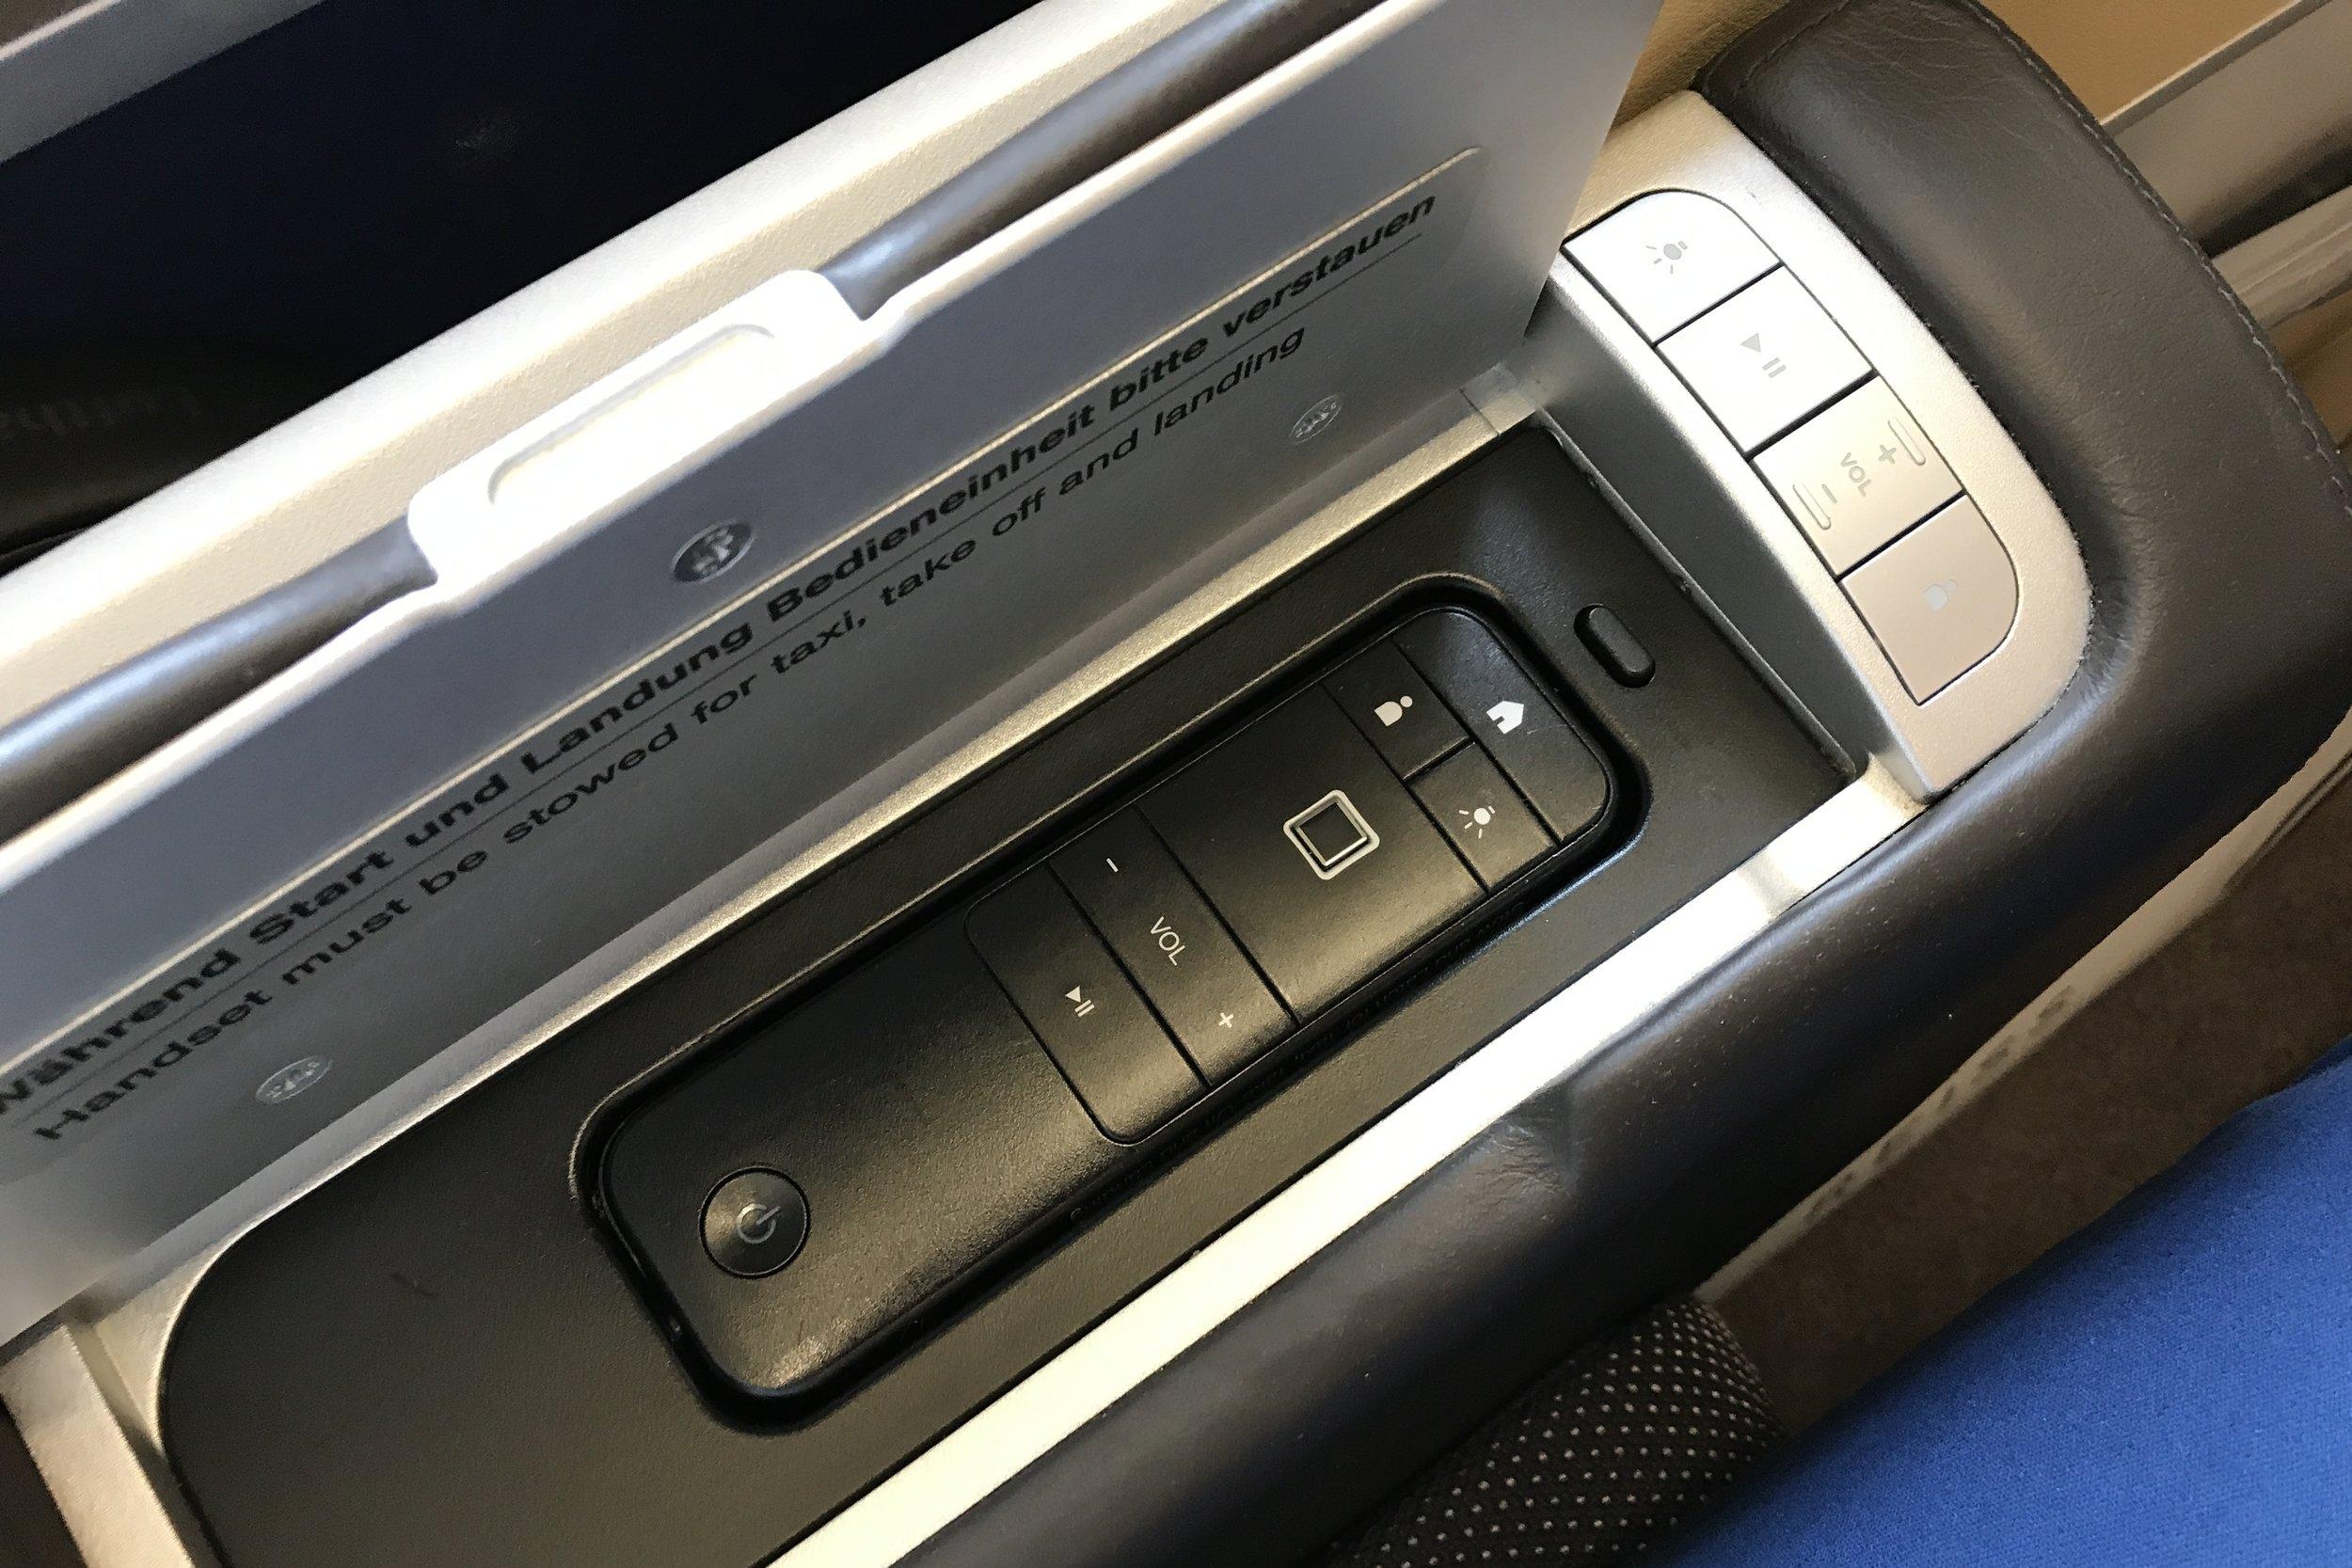 Lufthansa First Class – Entertainment controls